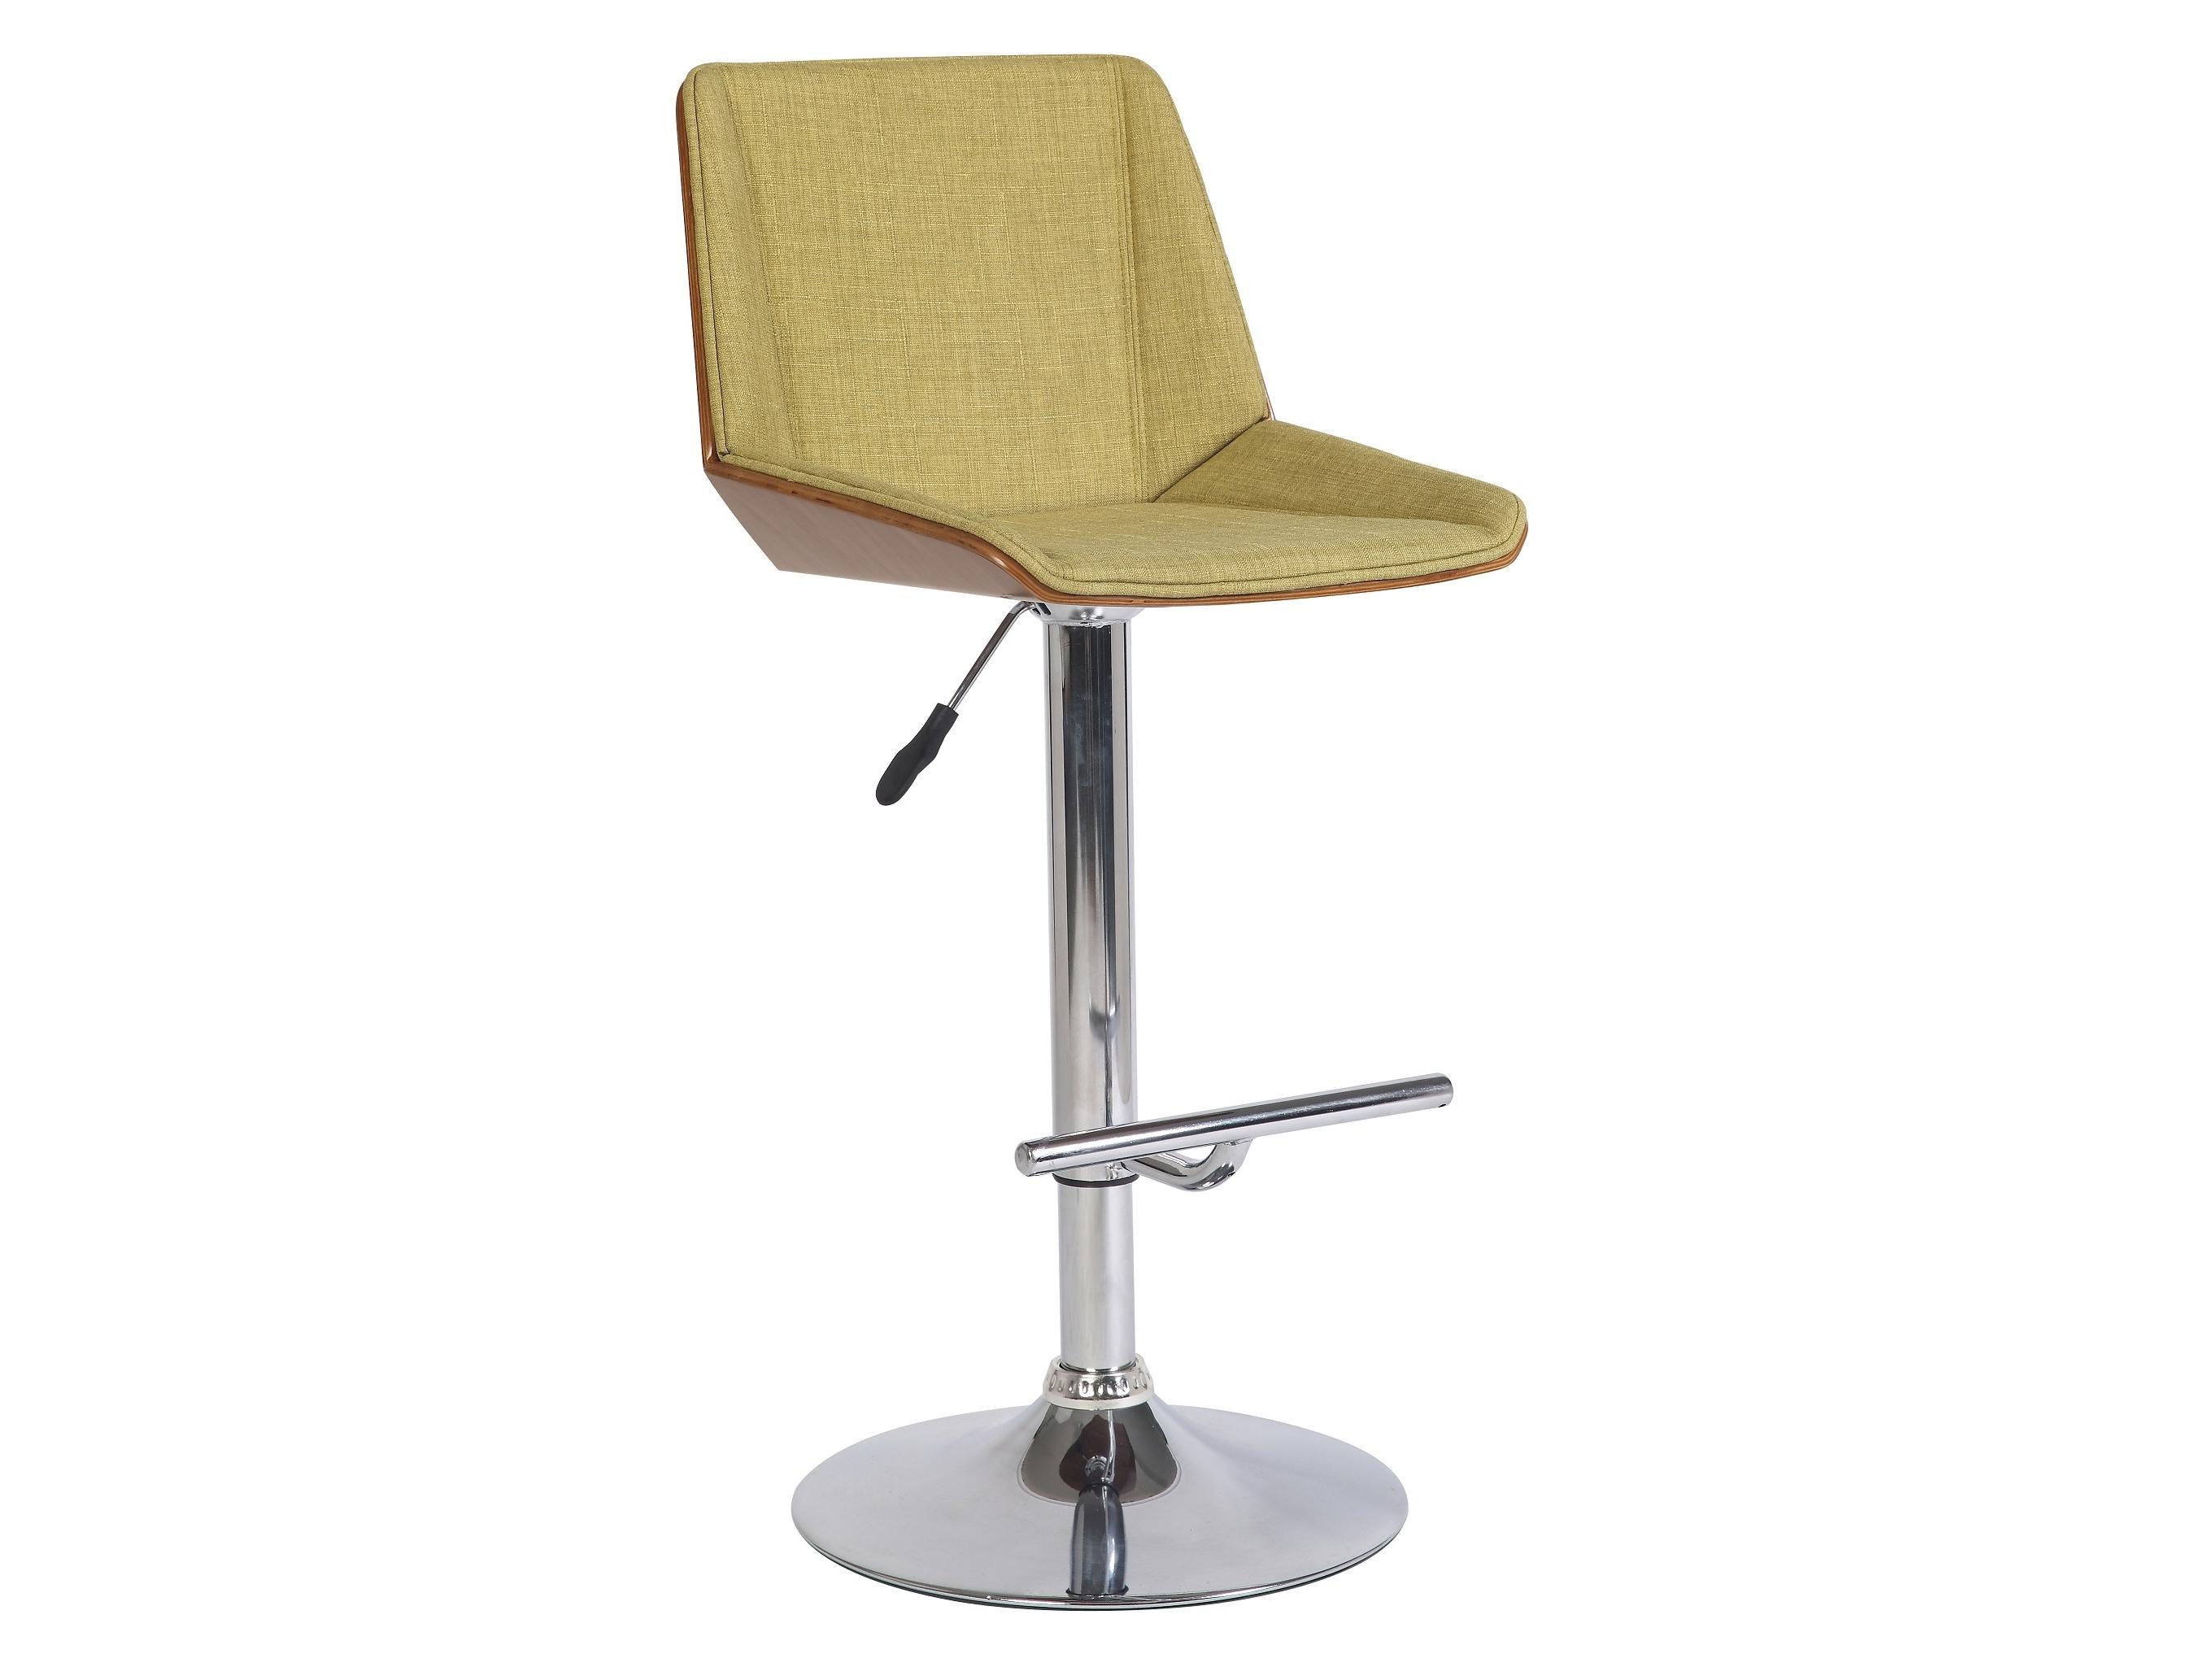 Стул барный JY1978 зеленыйБарные стулья<br>Материал: Ткань, хром<br><br>Material: Металл<br>Ширина см: 60<br>Высота см: 111<br>Глубина см: 52